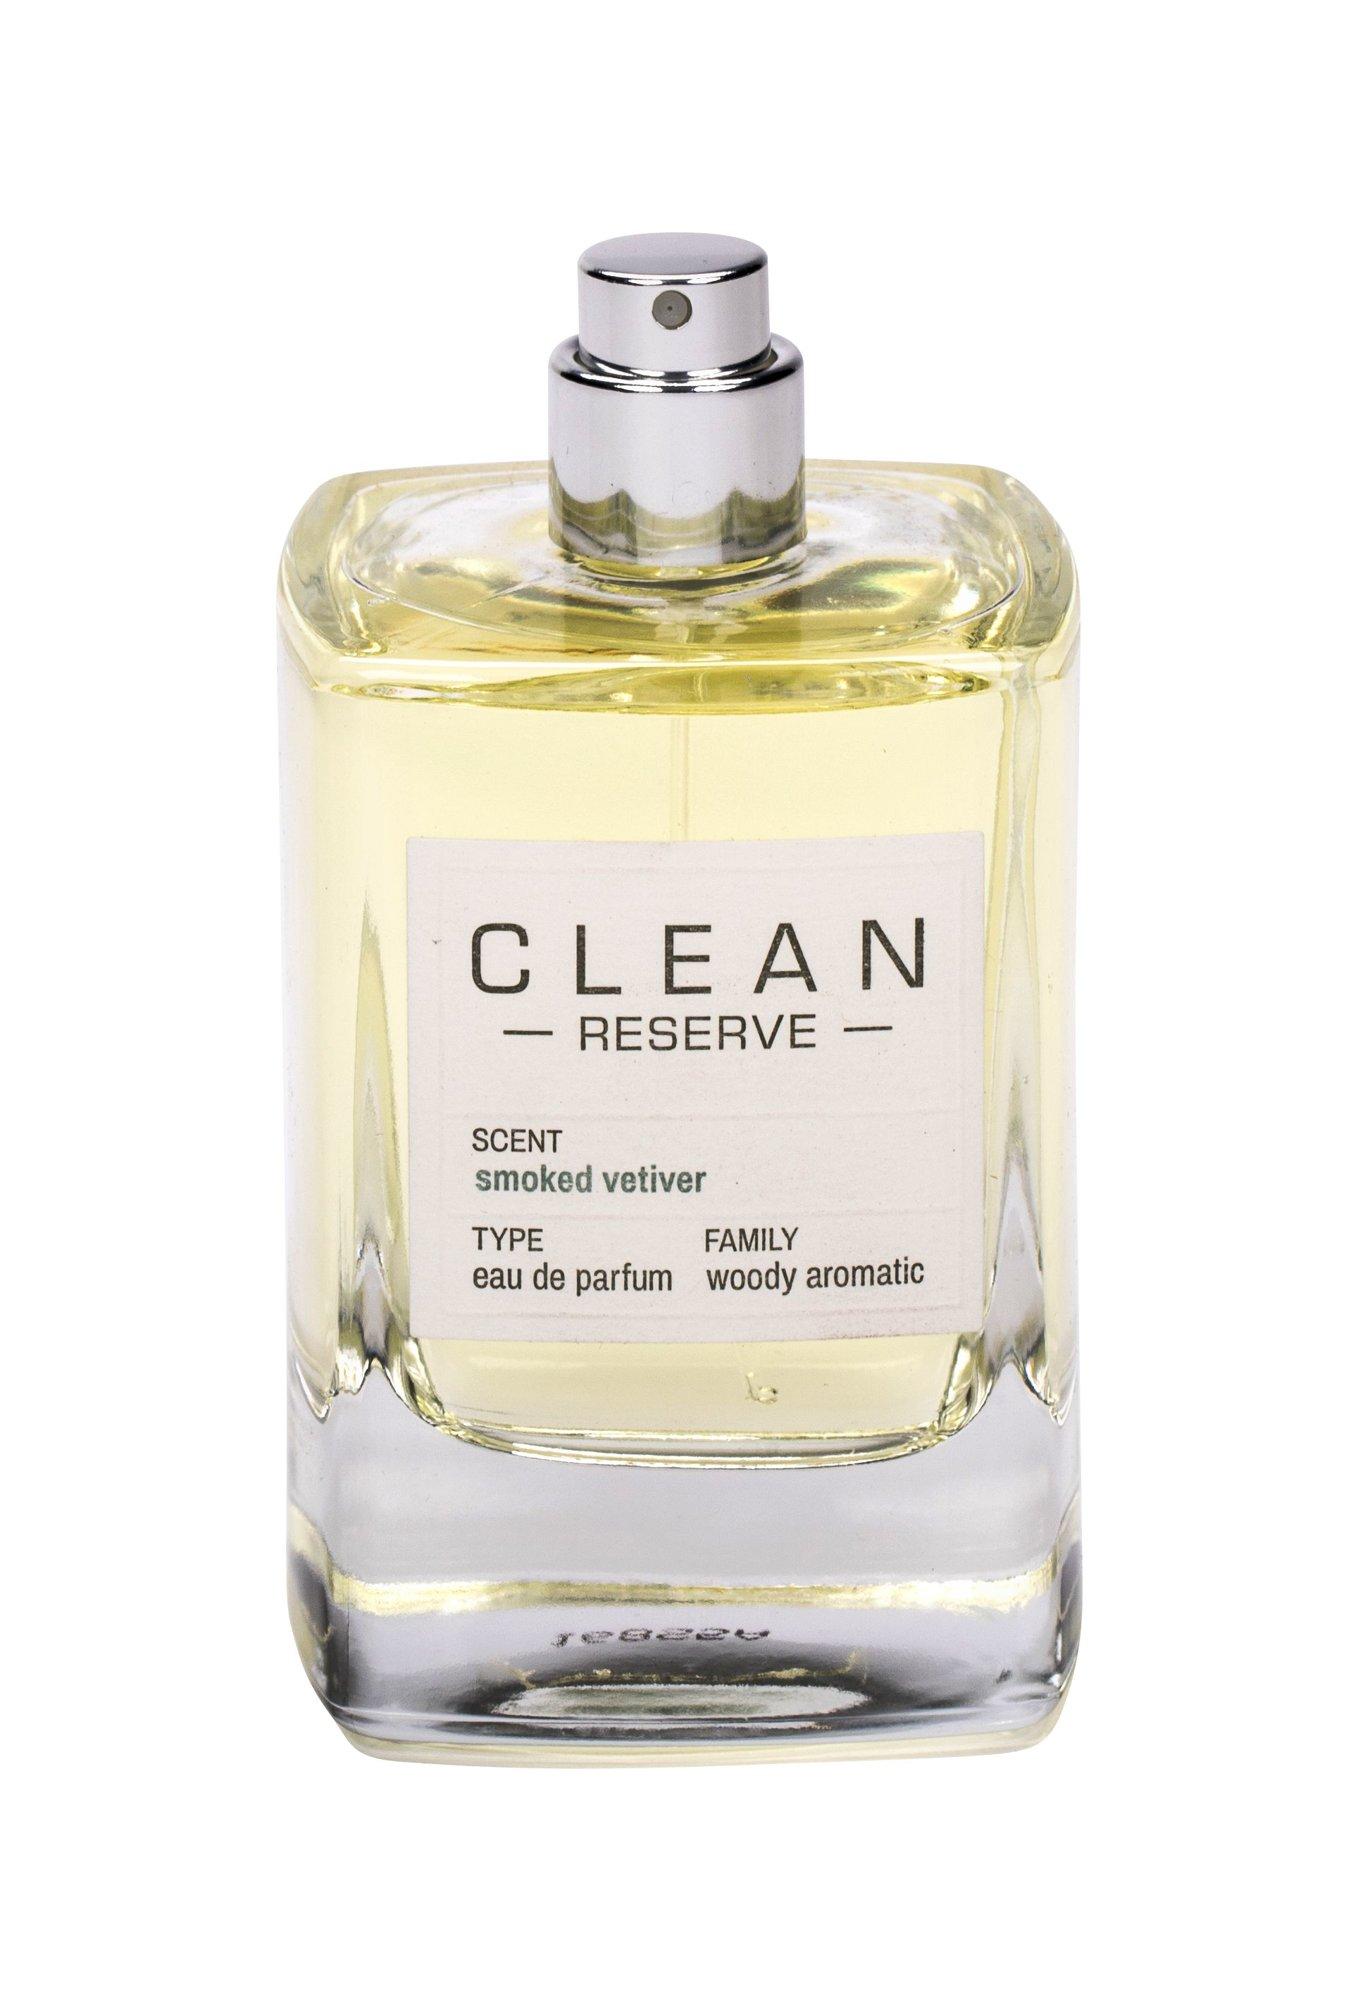 Clean Clean Reserve Collection Eau de Parfum 100ml  Smoked Vetiver